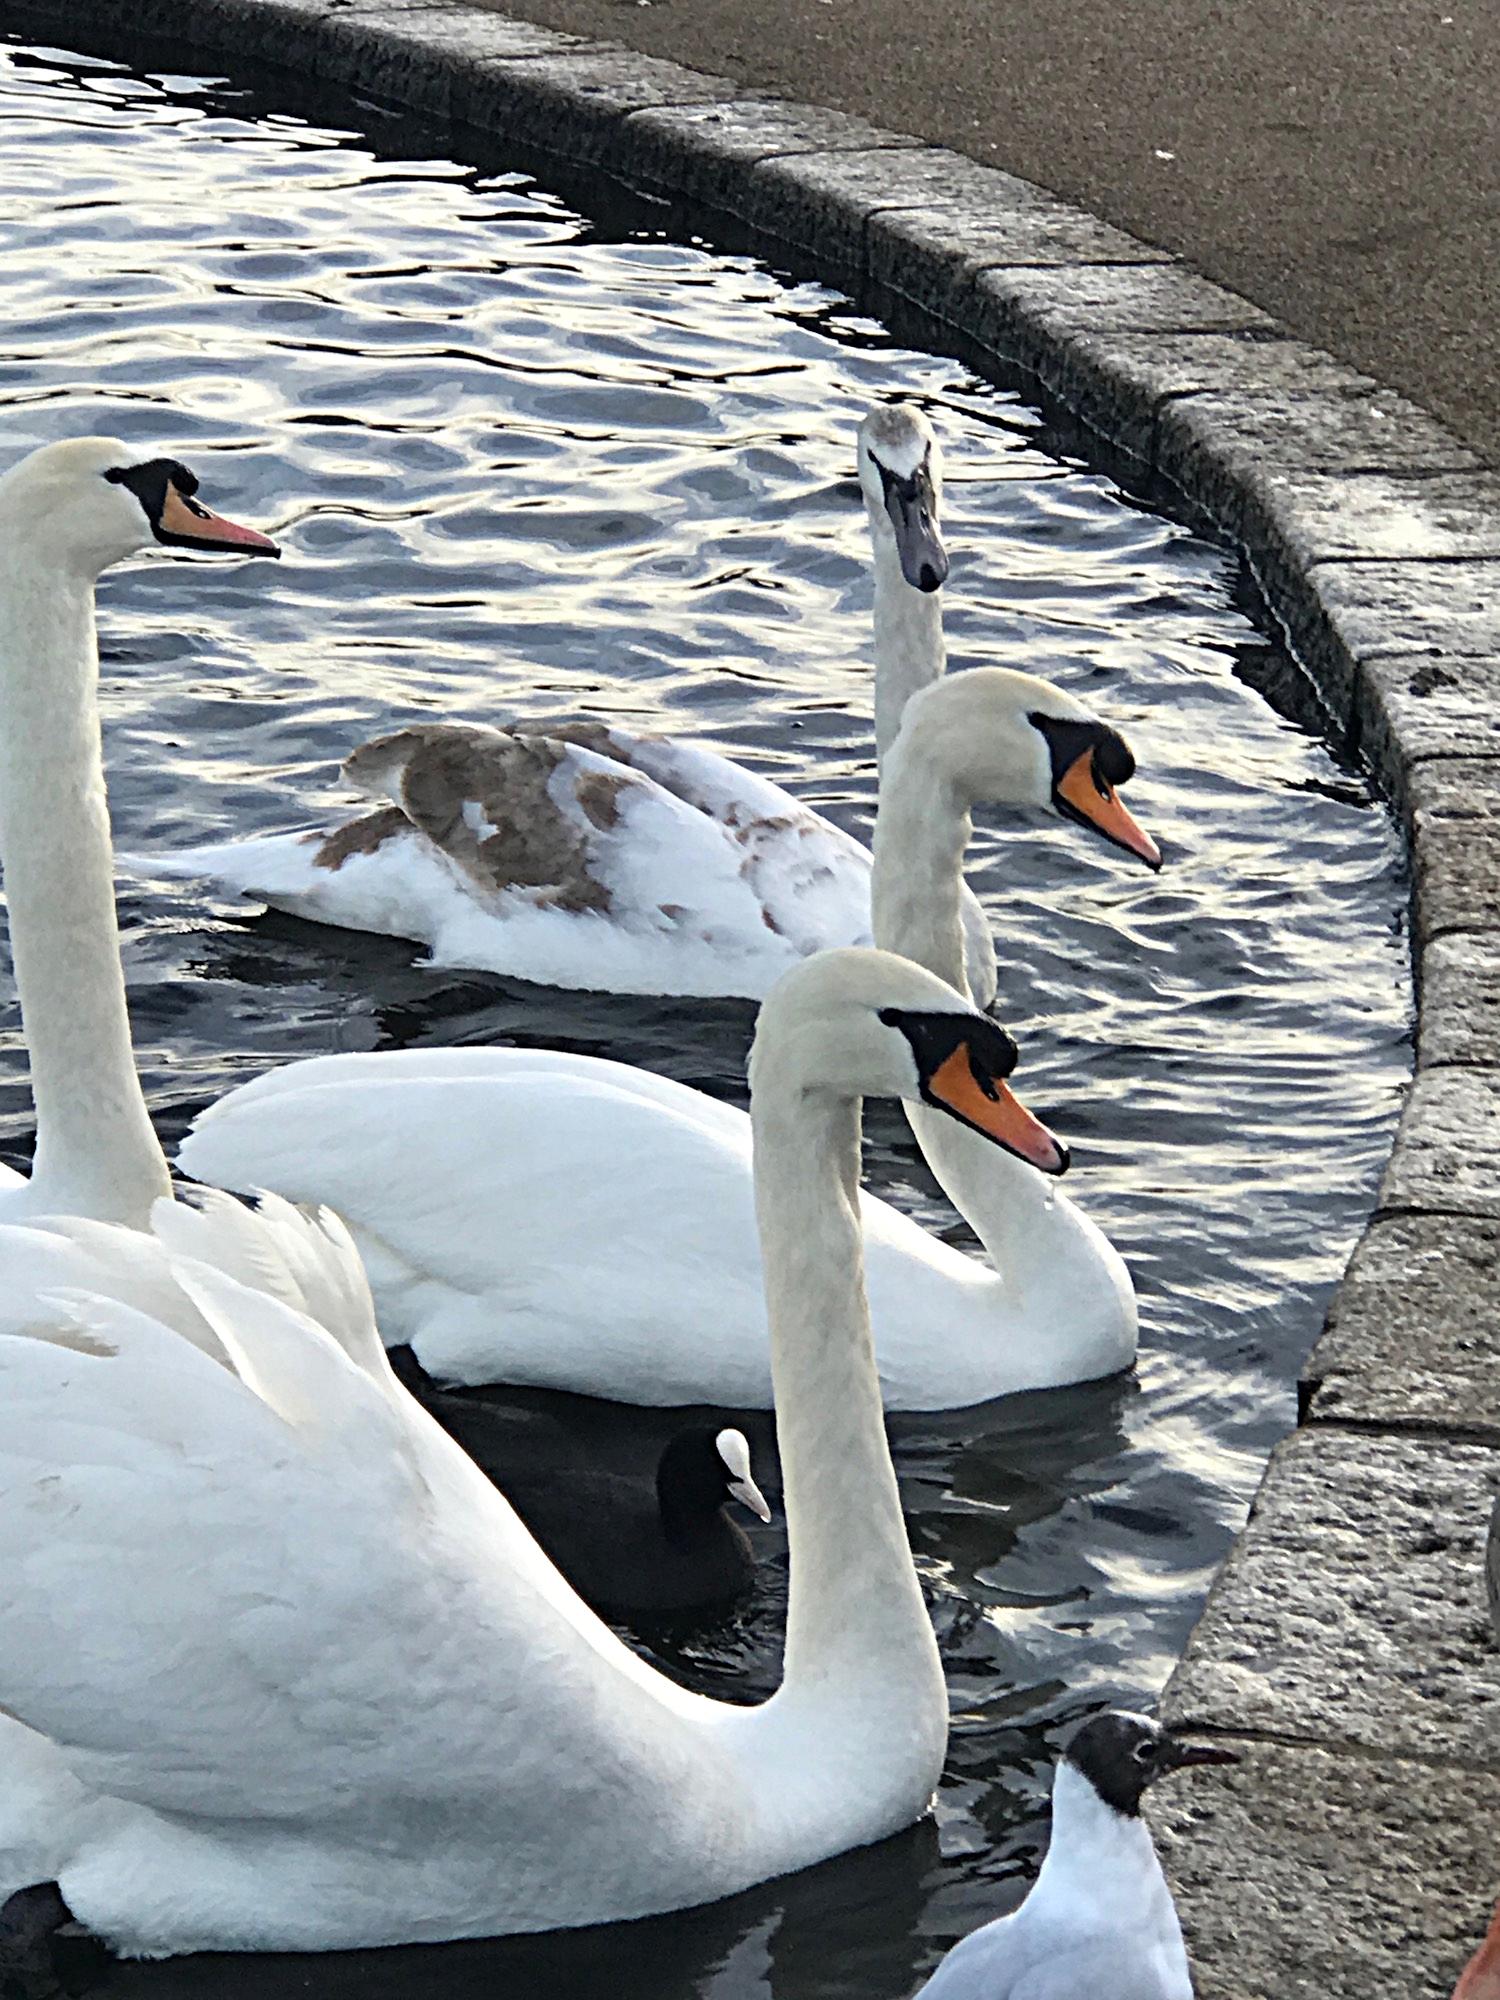 Swans in Round Pond in Kensington Gardens